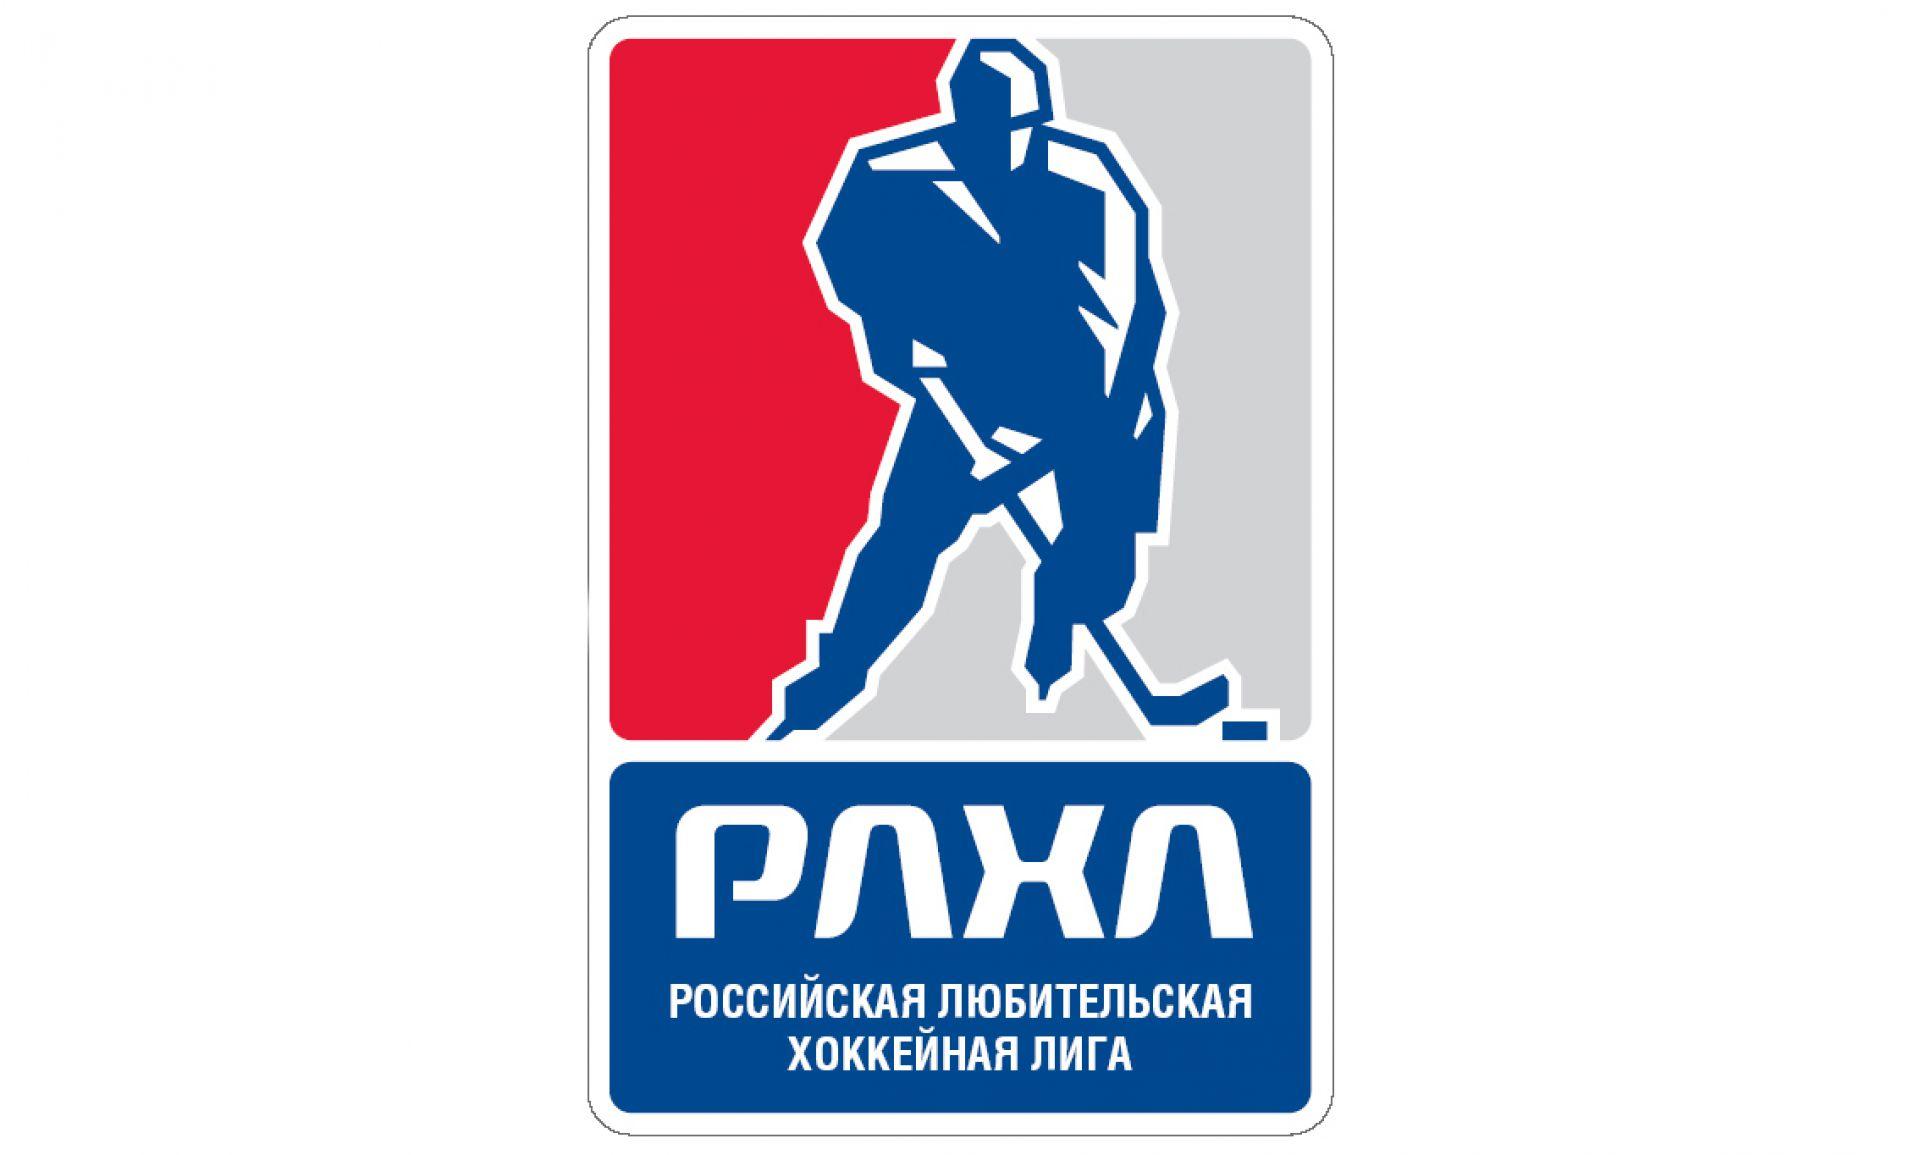 Гала-матч РЛХЛ прошел при поддержке HONKA.